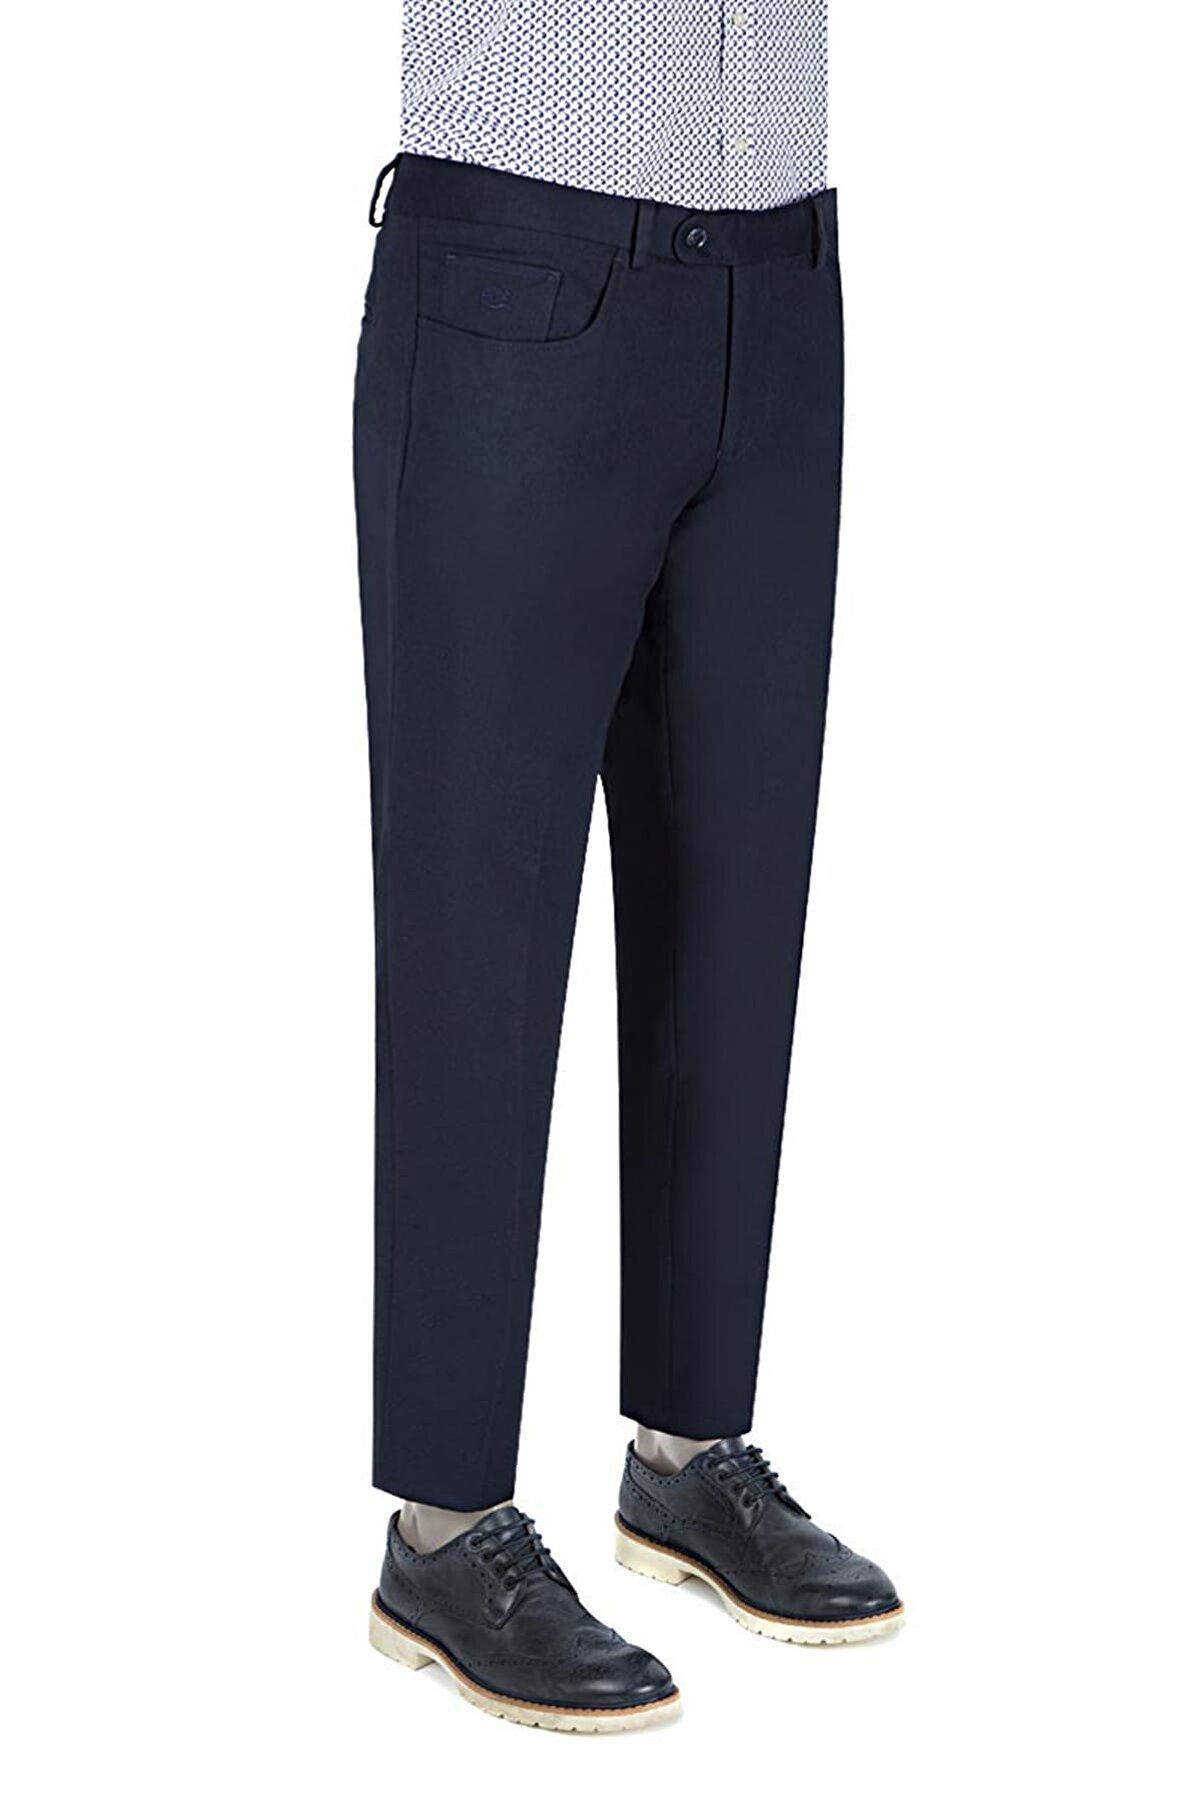 D'S Damat Ds Damat Pantolon (Regular Fit)